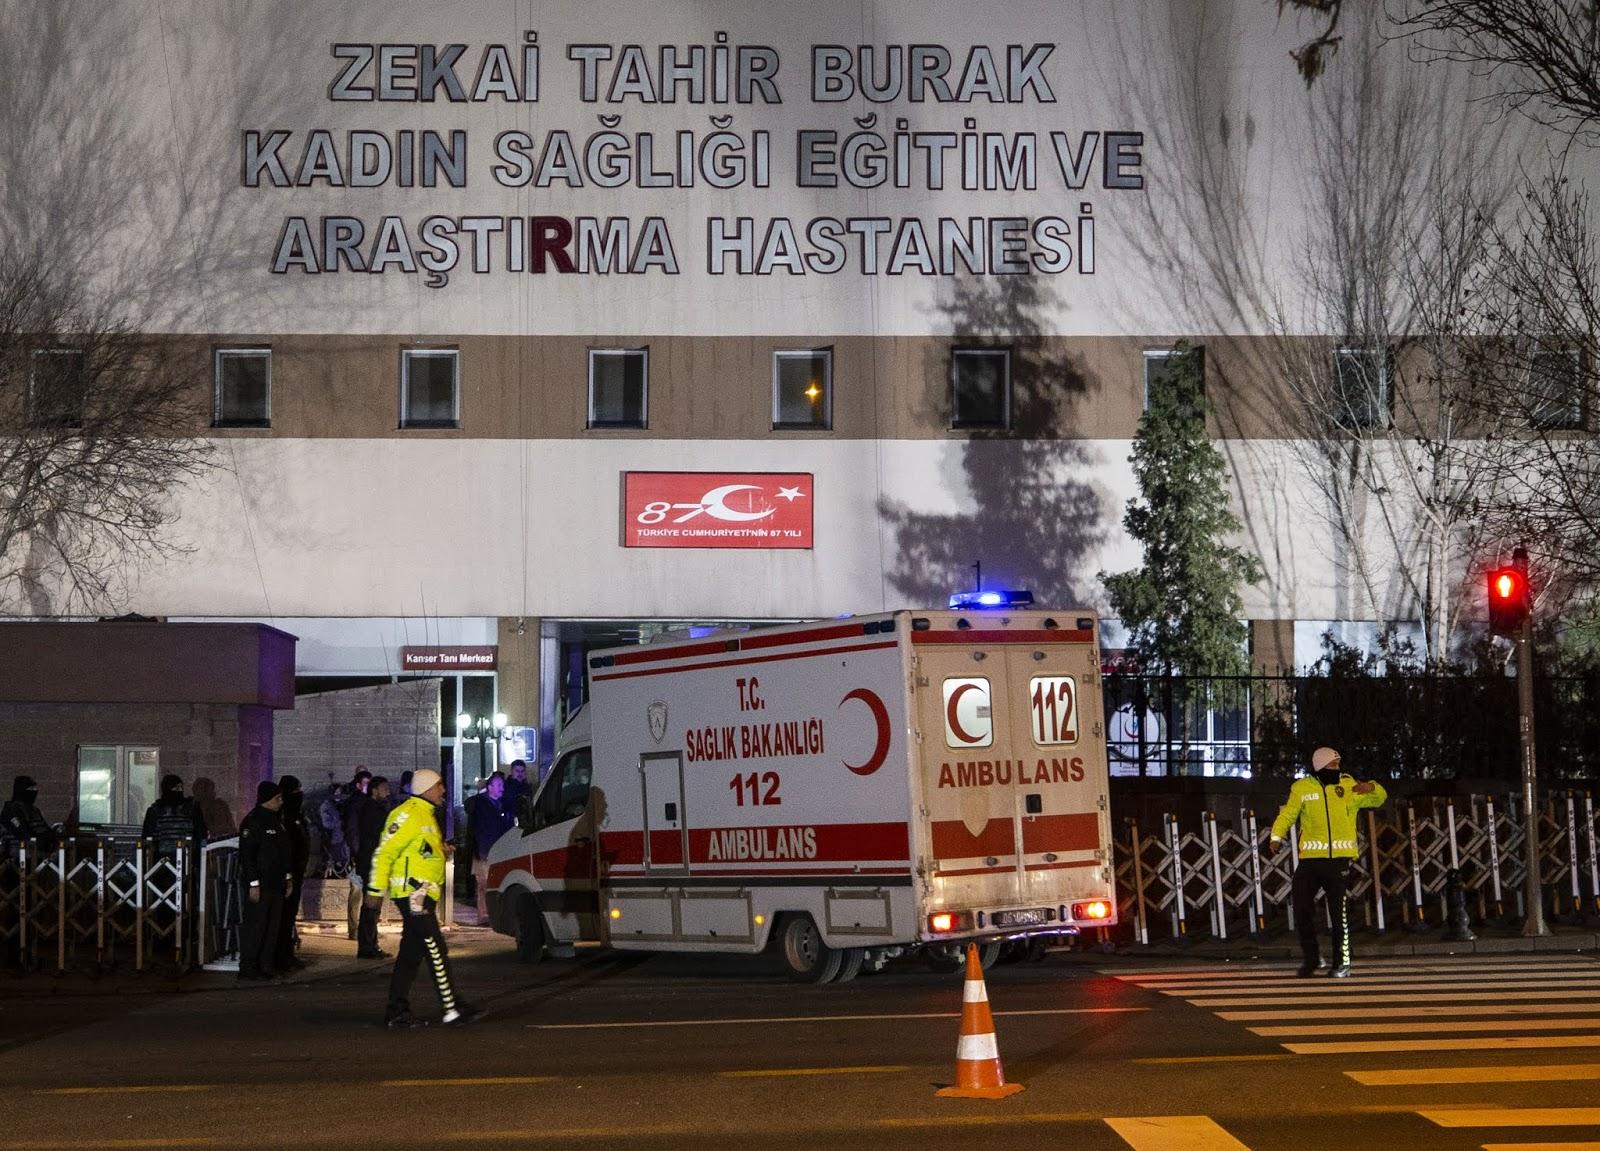 وزير الصحة التركي : لم نسجل اي حالة لكورونا!